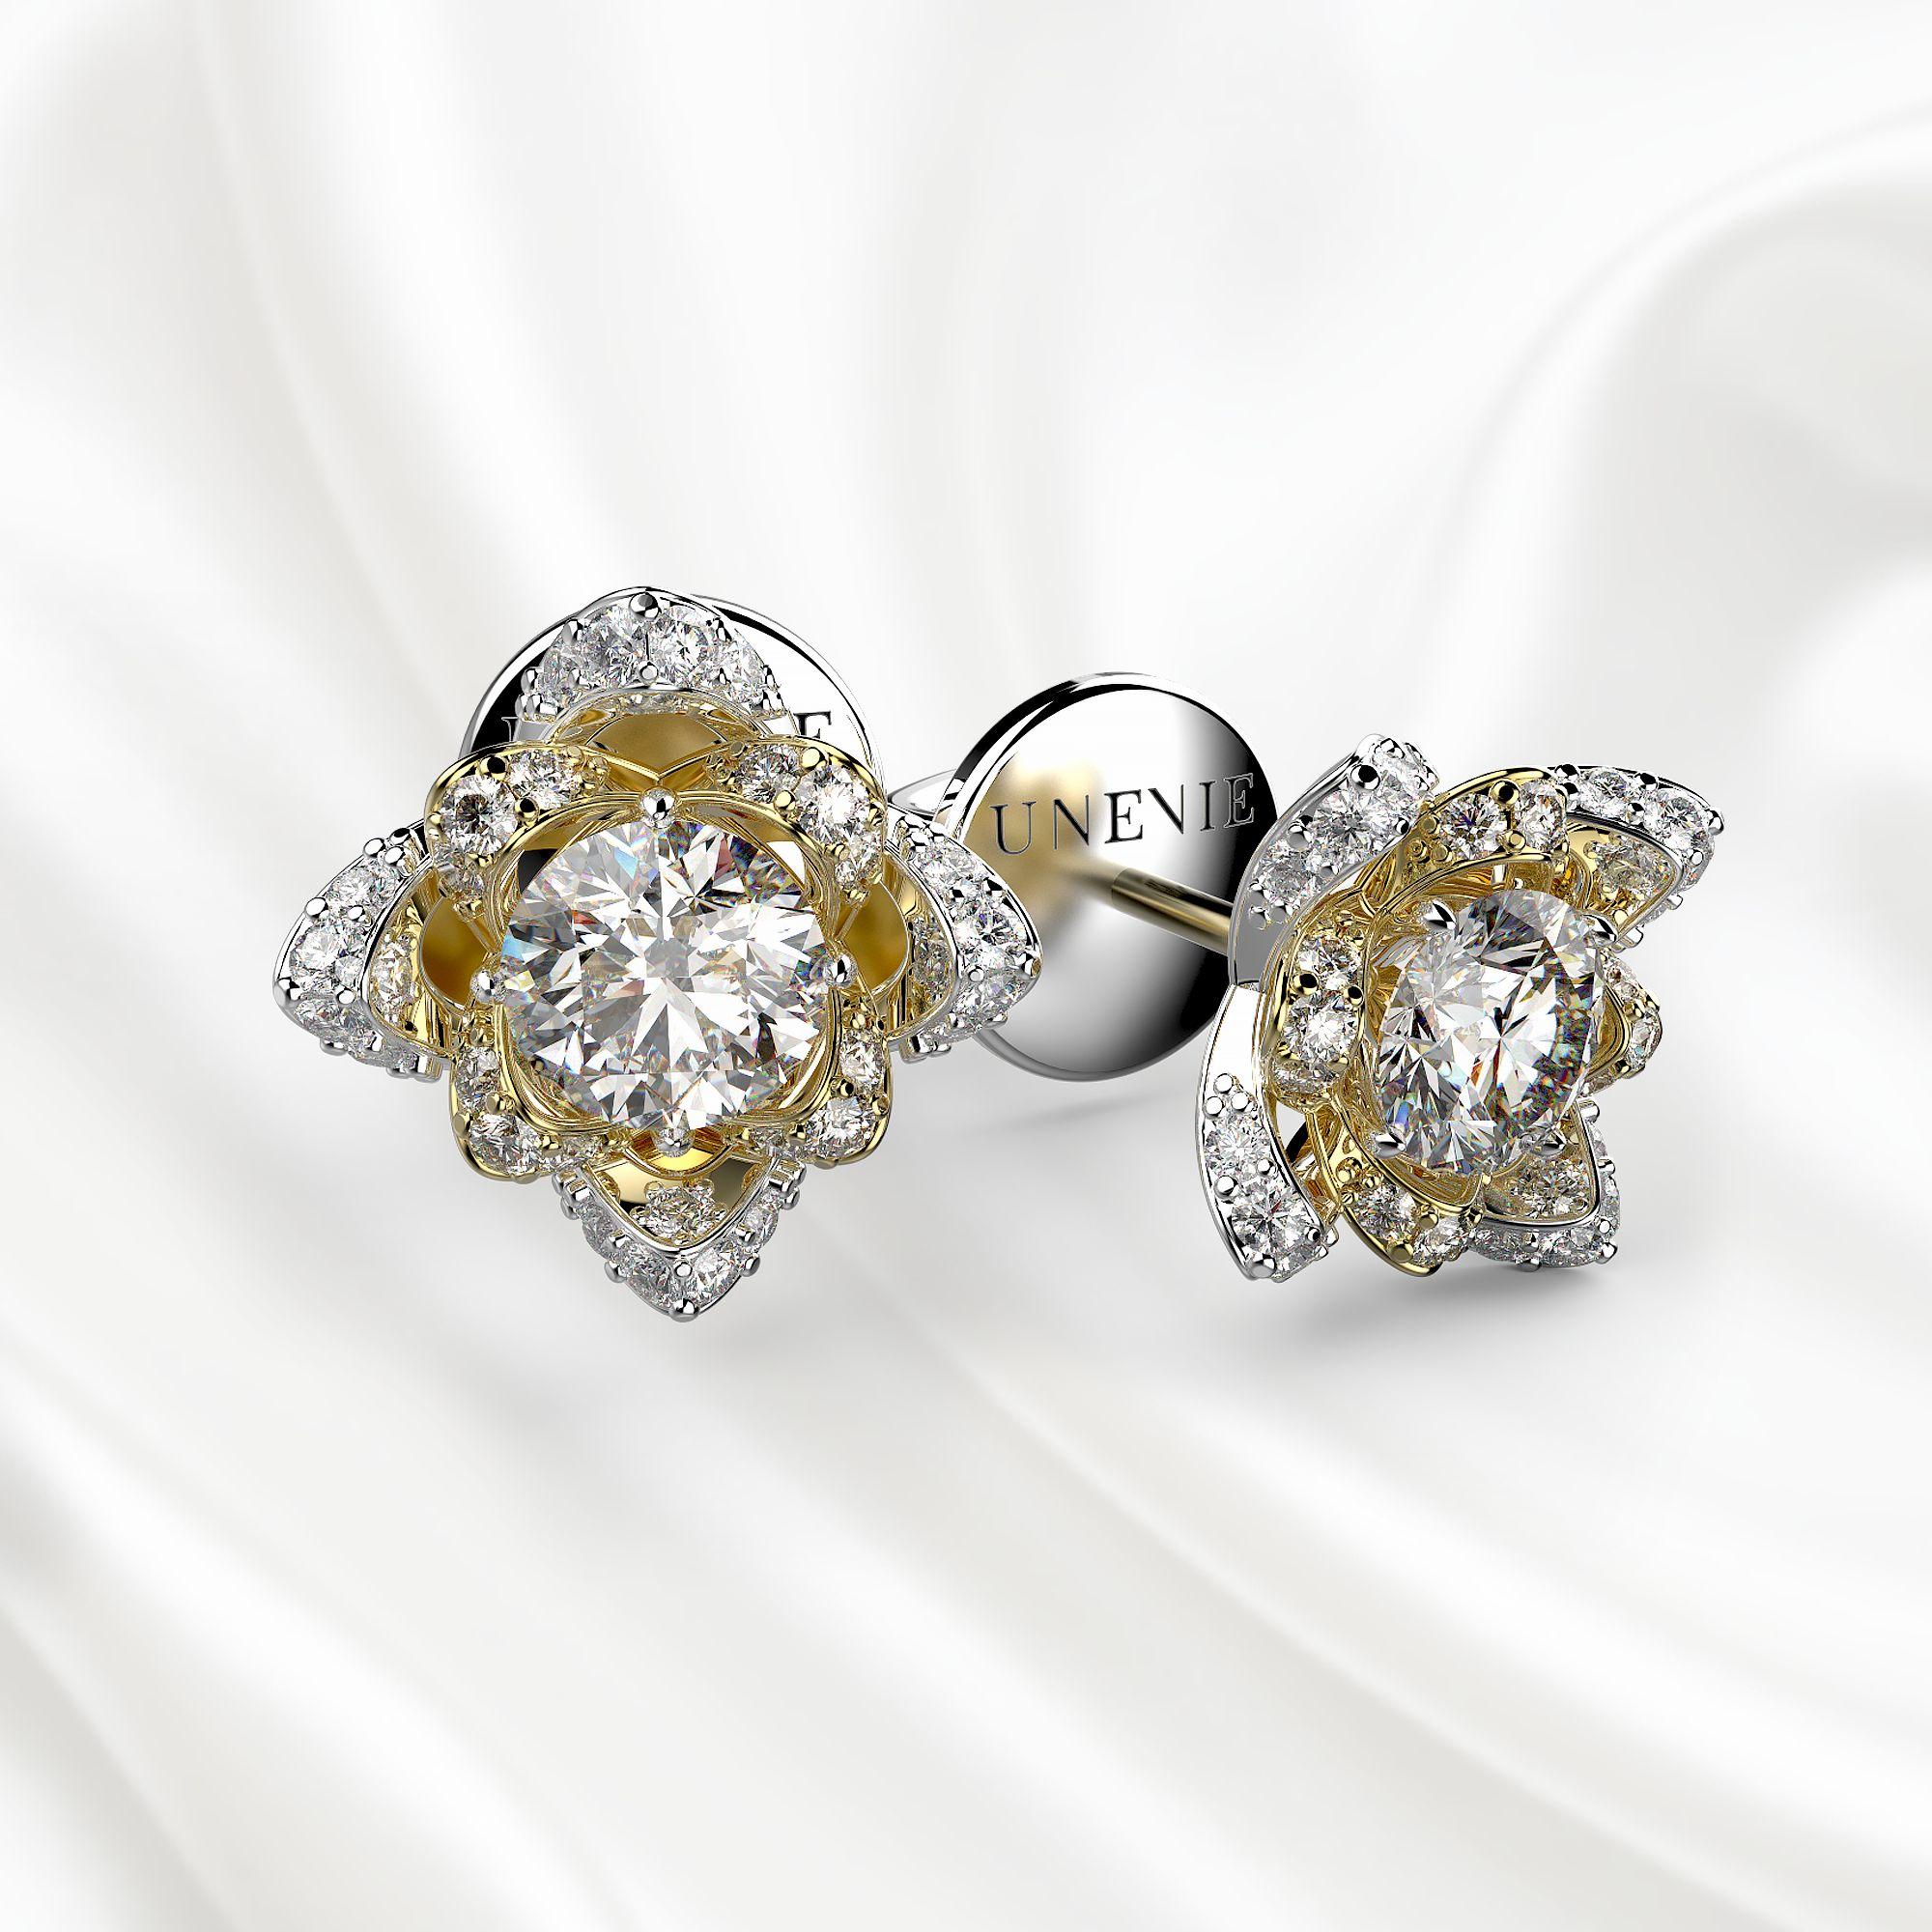 S5 Серьги из белого-желтого золота с 34 бриллиантами 0.86 карат